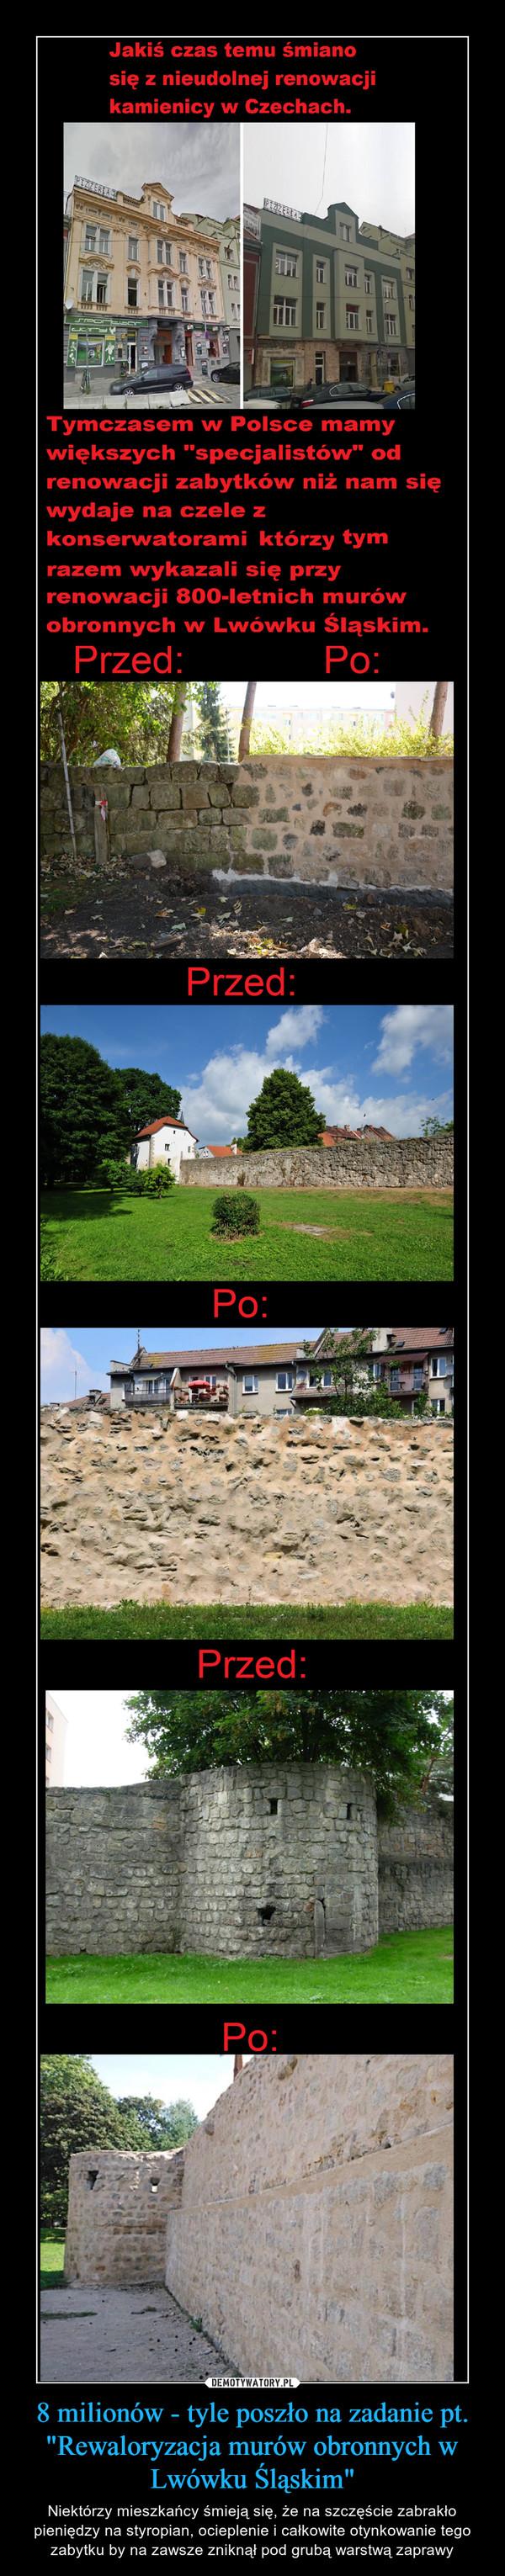 """8 milionów - tyle poszło na zadanie pt. """"Rewaloryzacja murów obronnych w Lwówku Śląskim"""" – Niektórzy mieszkańcy śmieją się, że na szczęście zabrakło pieniędzy na styropian, ocieplenie i całkowite otynkowanie tego zabytku by na zawsze zniknął pod grubą warstwą zaprawy"""